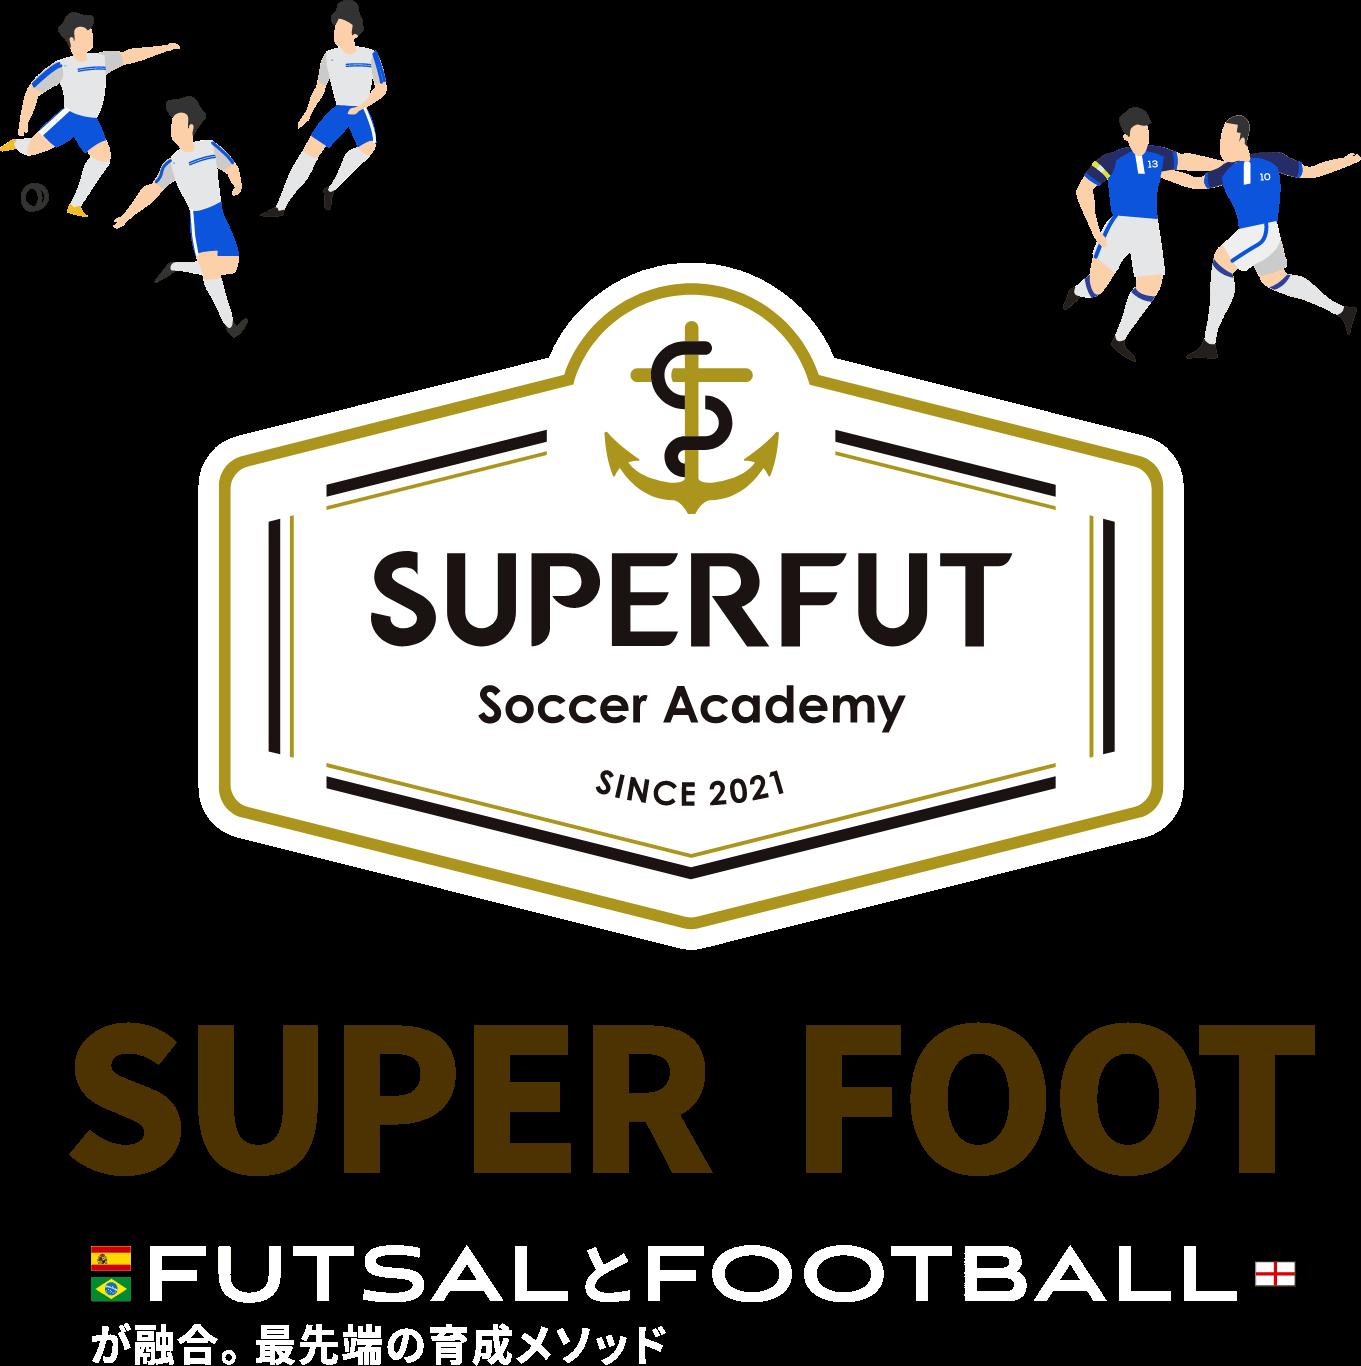 SUPERFUT concept